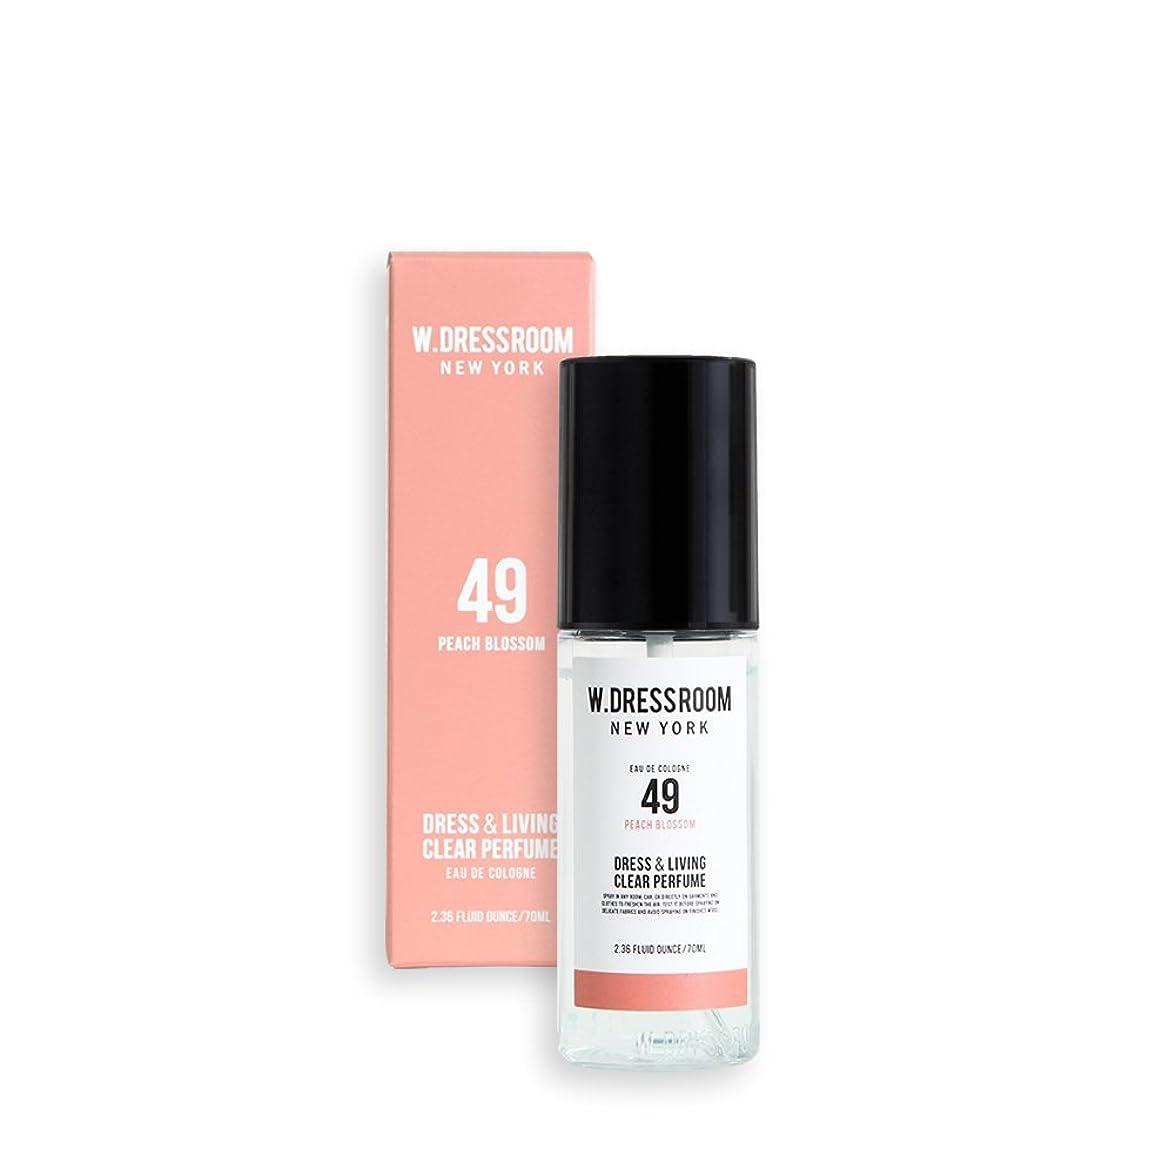 アレルギー性左お酢W.DRESSROOM Dress & Living Clear Perfume 70ml/ダブルドレスルーム ドレス&リビング クリア パフューム 70ml (#No.49 Peach Blossom) [並行輸入品]